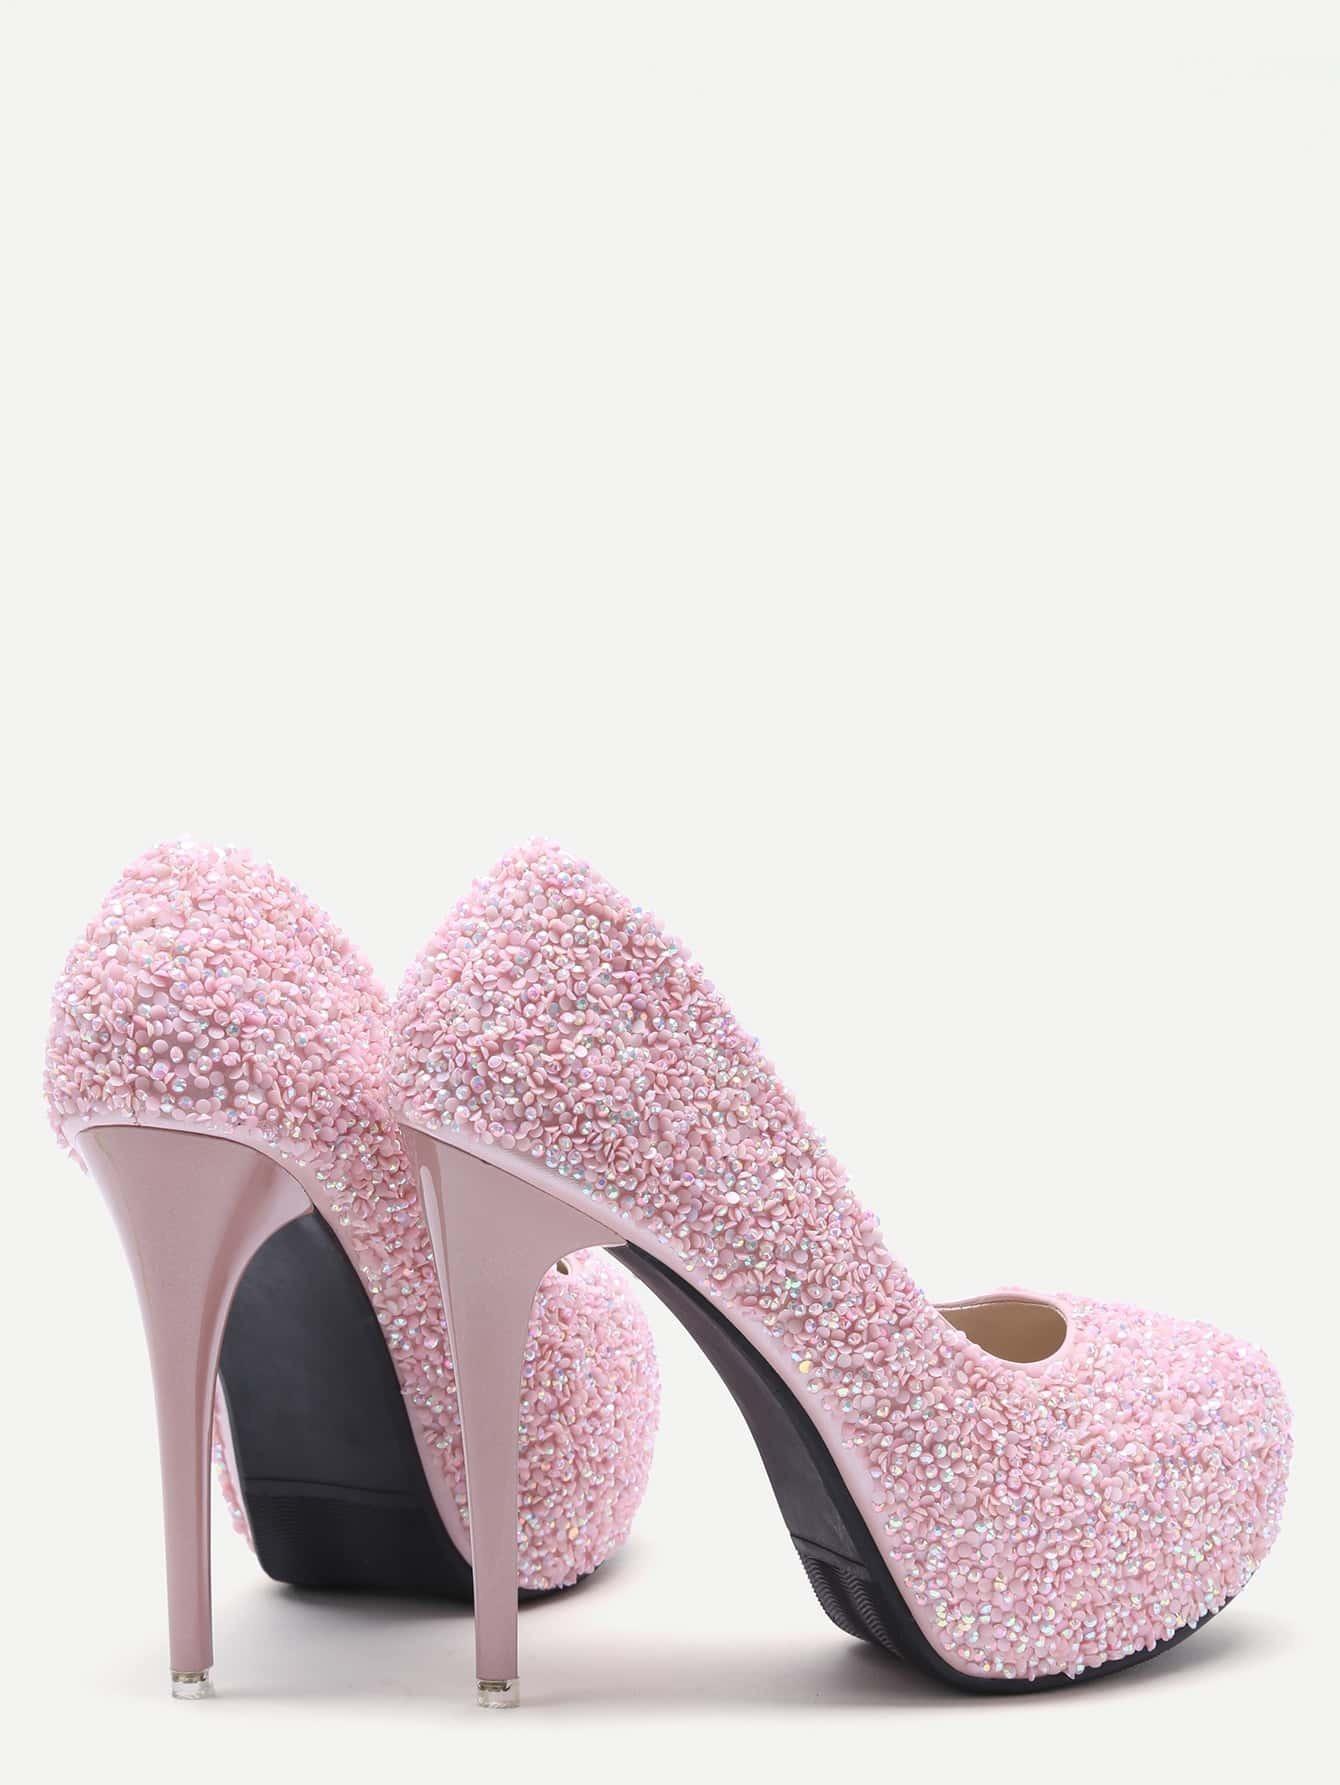 shoes161207813_2